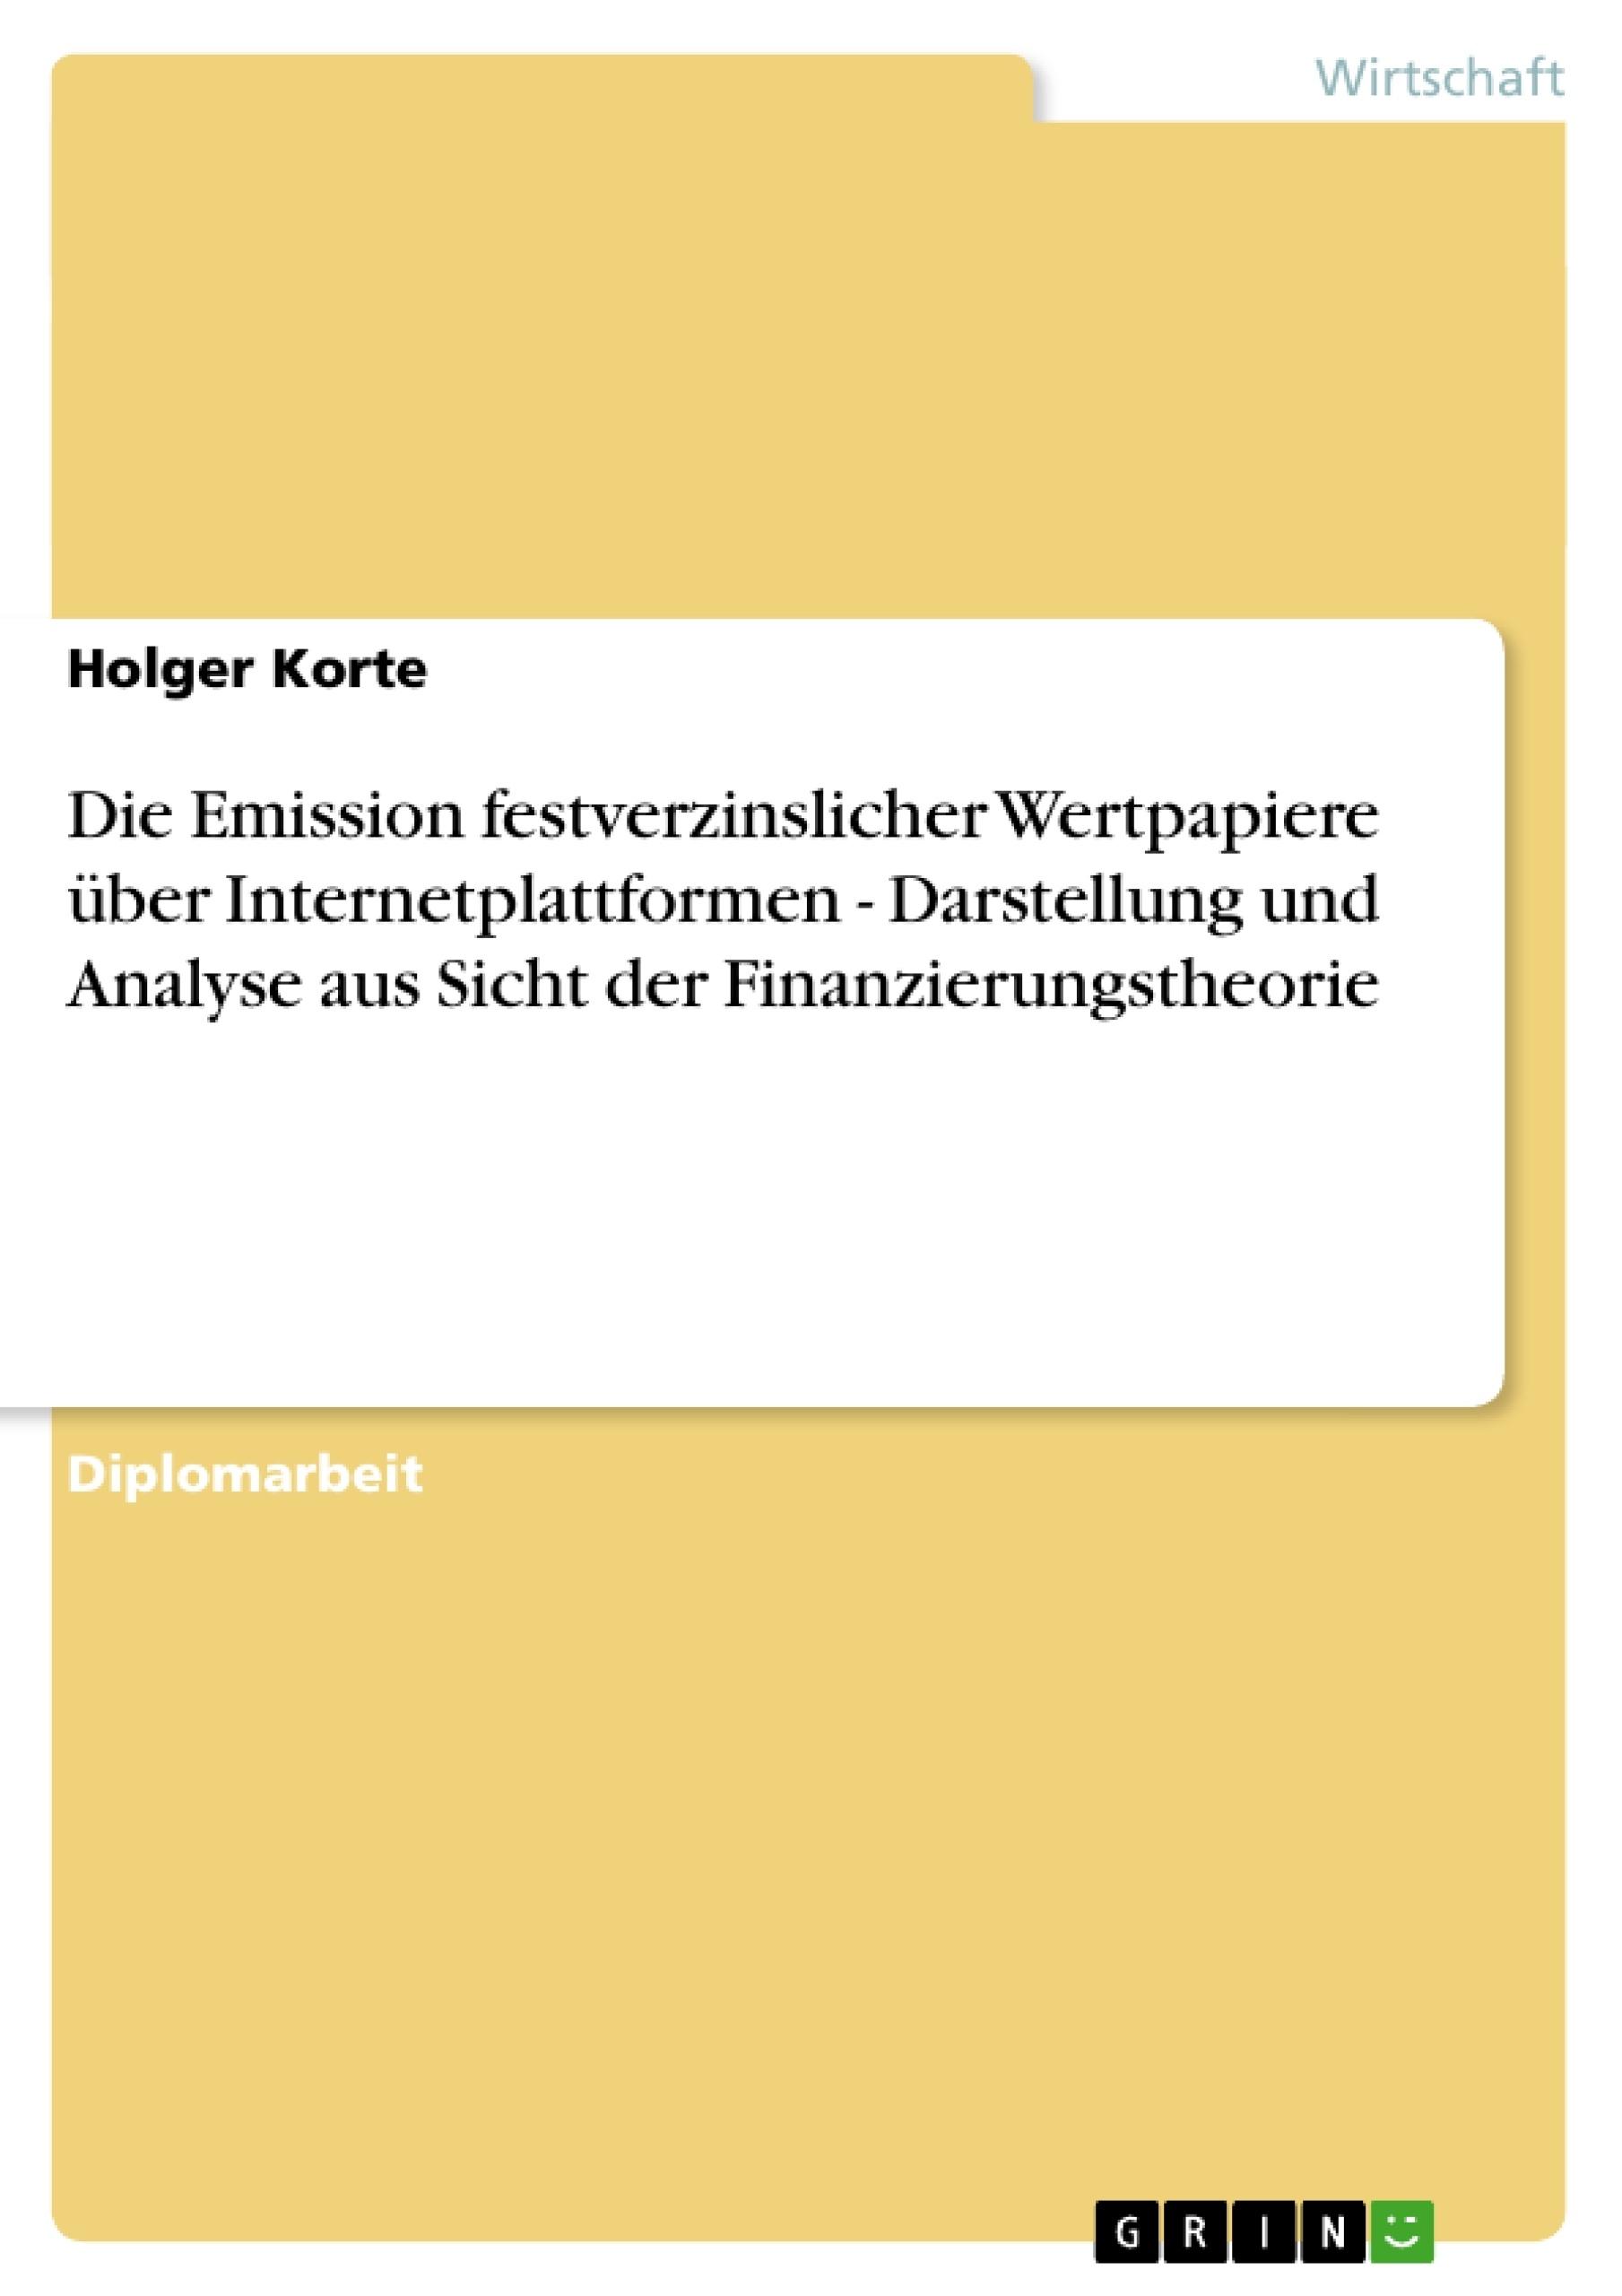 Titel: Die Emission festverzinslicher Wertpapiere über Internetplattformen - Darstellung und Analyse aus Sicht der Finanzierungstheorie